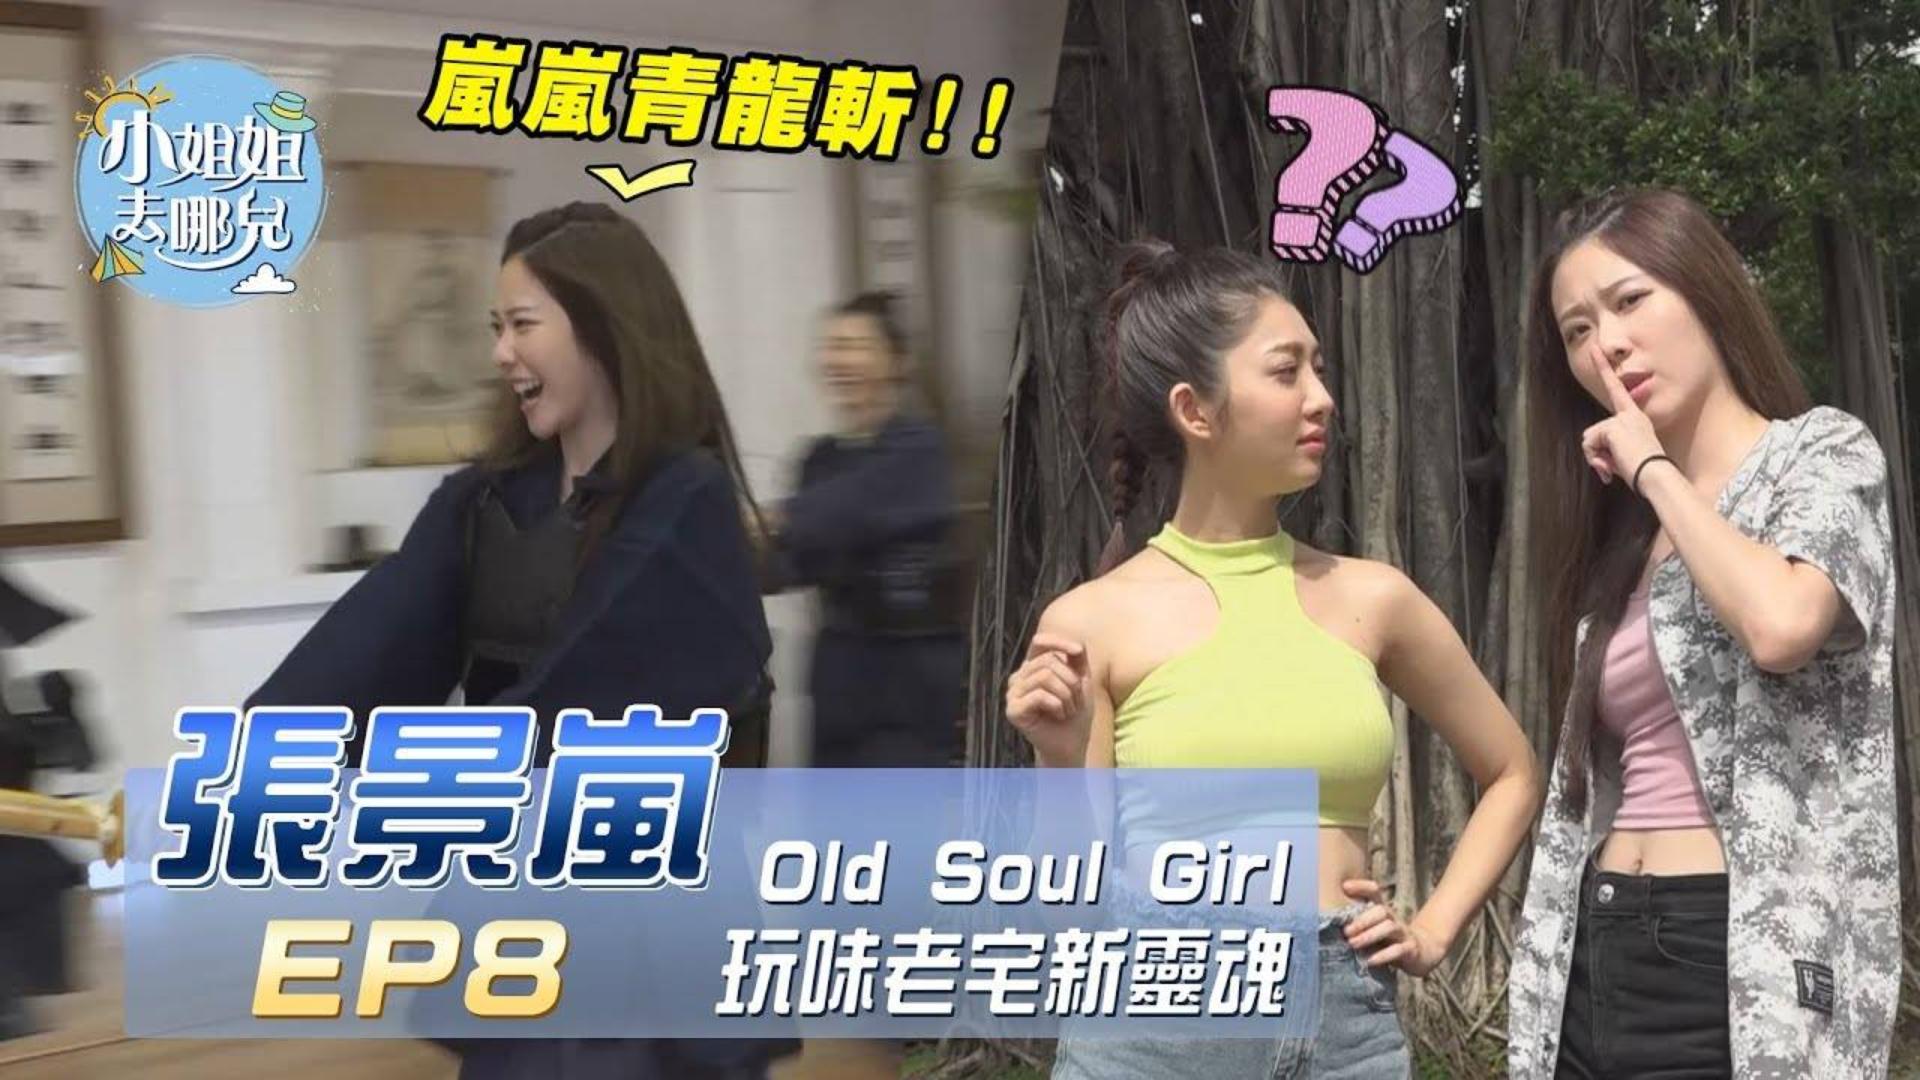 【小姐姐去哪儿】张景岚 Old Soul Girl~玩味老宅新灵魂!! EP8